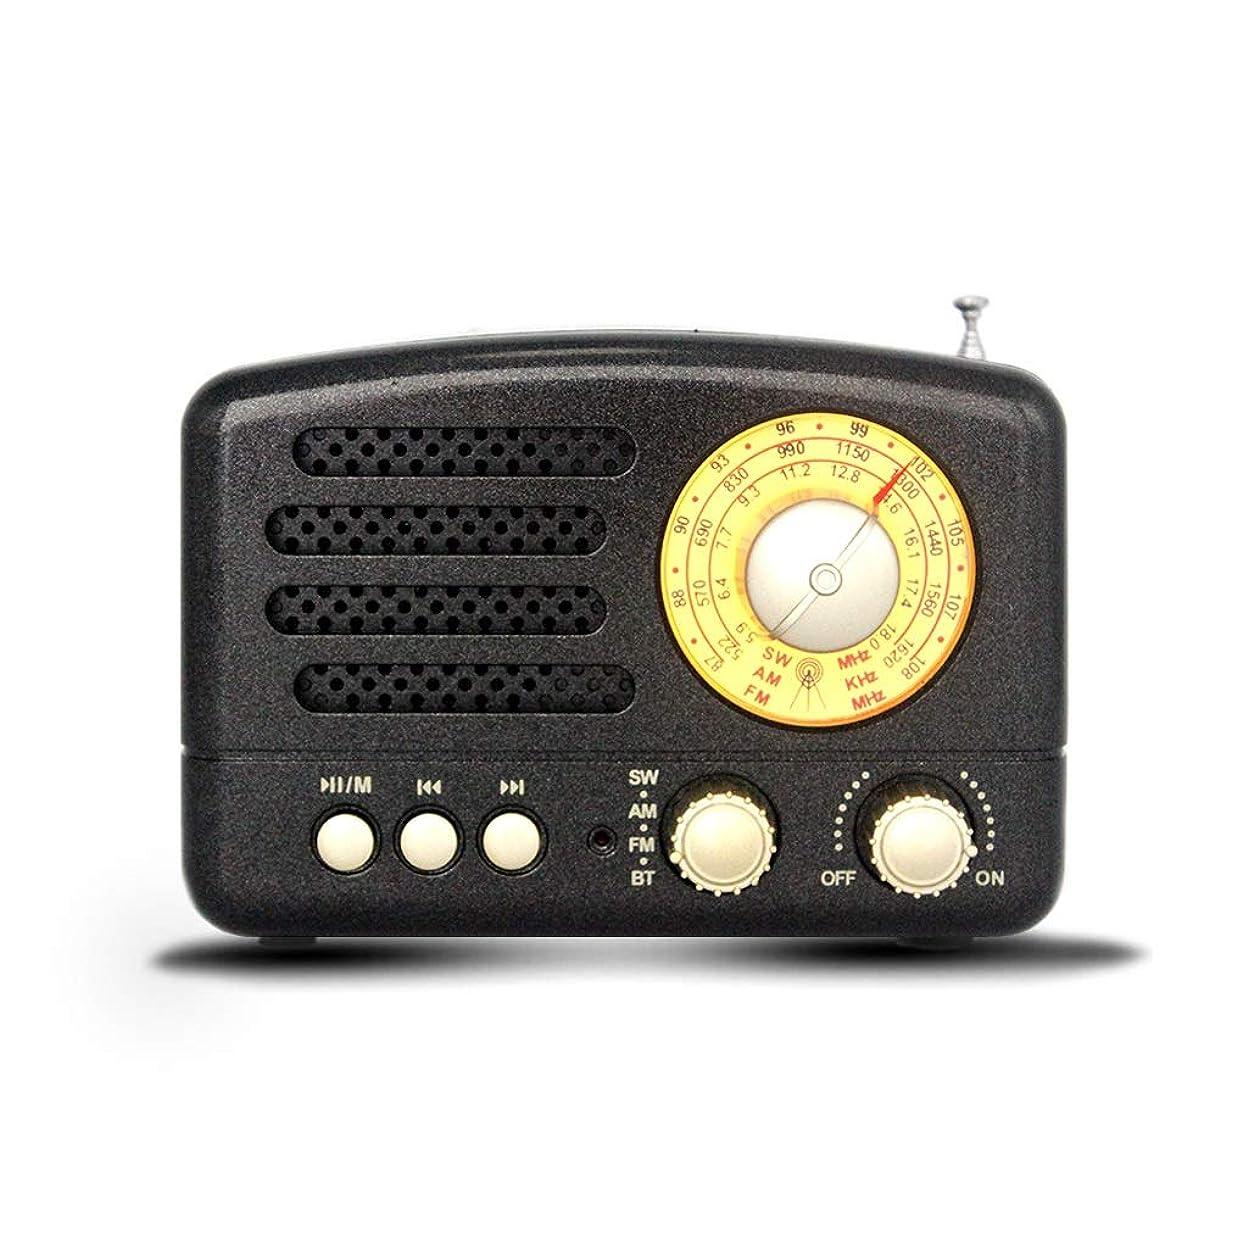 ブッシュ名門高齢者携帯ラジオ レトロポータブル小型ラジオUSBブルートゥースマルチバンドポインター内蔵スピーカー放送 操作が簡単 (Color : Black)